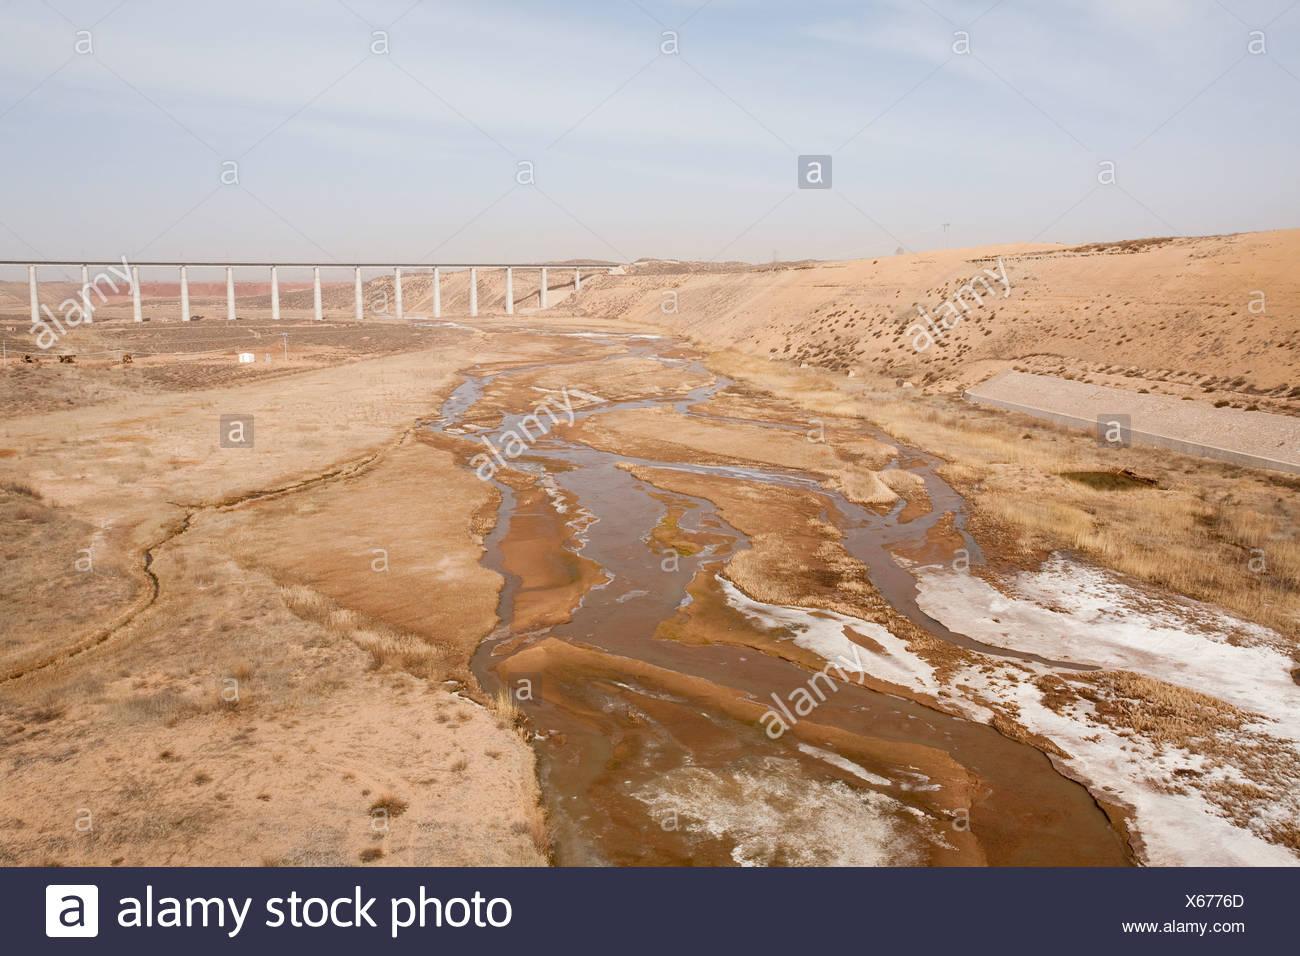 Les faibles niveaux d'eau dans la province de Shanxi chine causées par le changement climatique Photo Stock